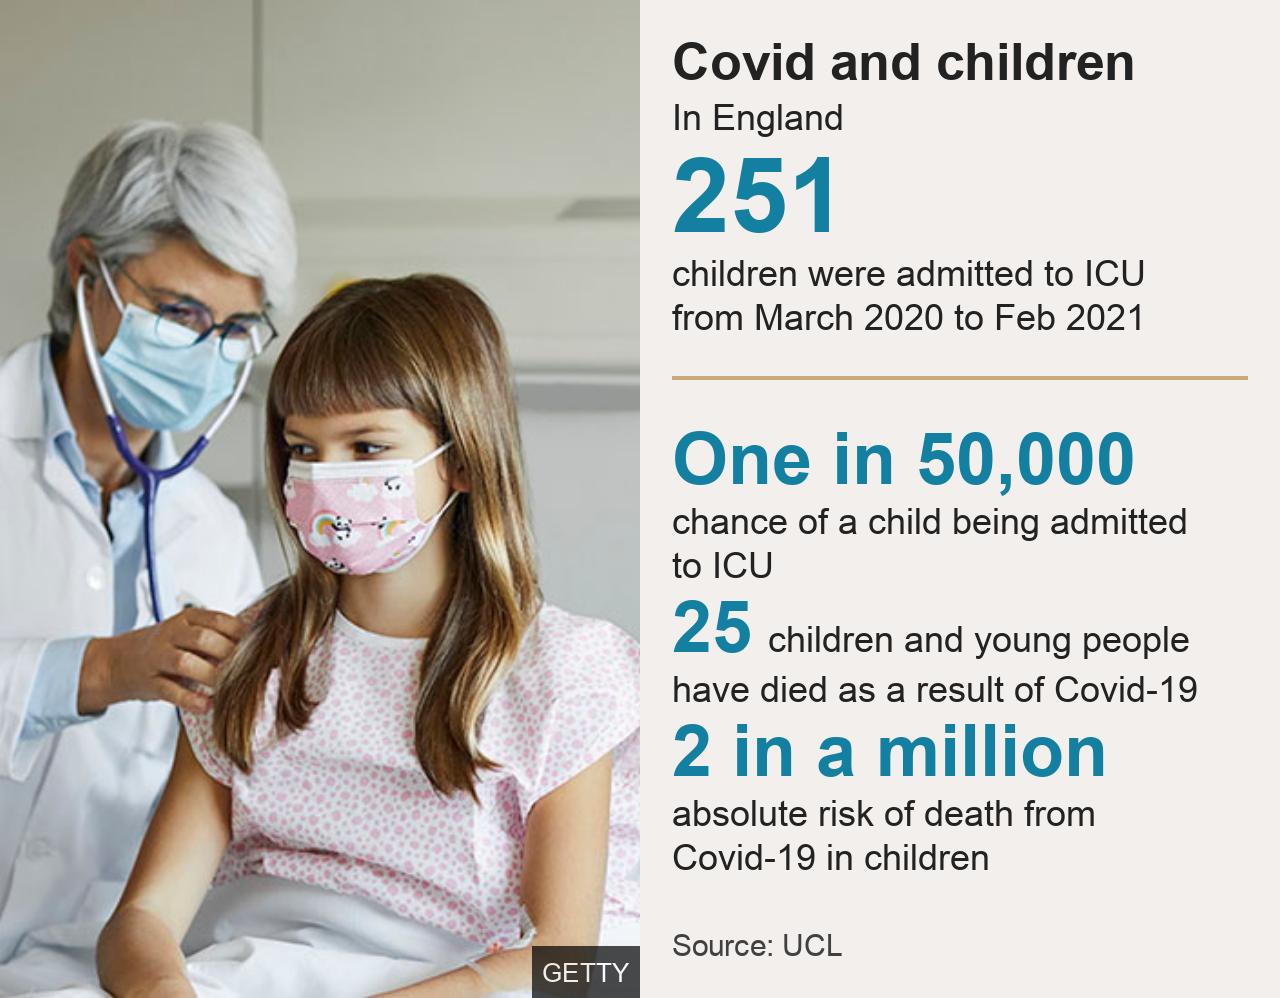 Covid in children graphic